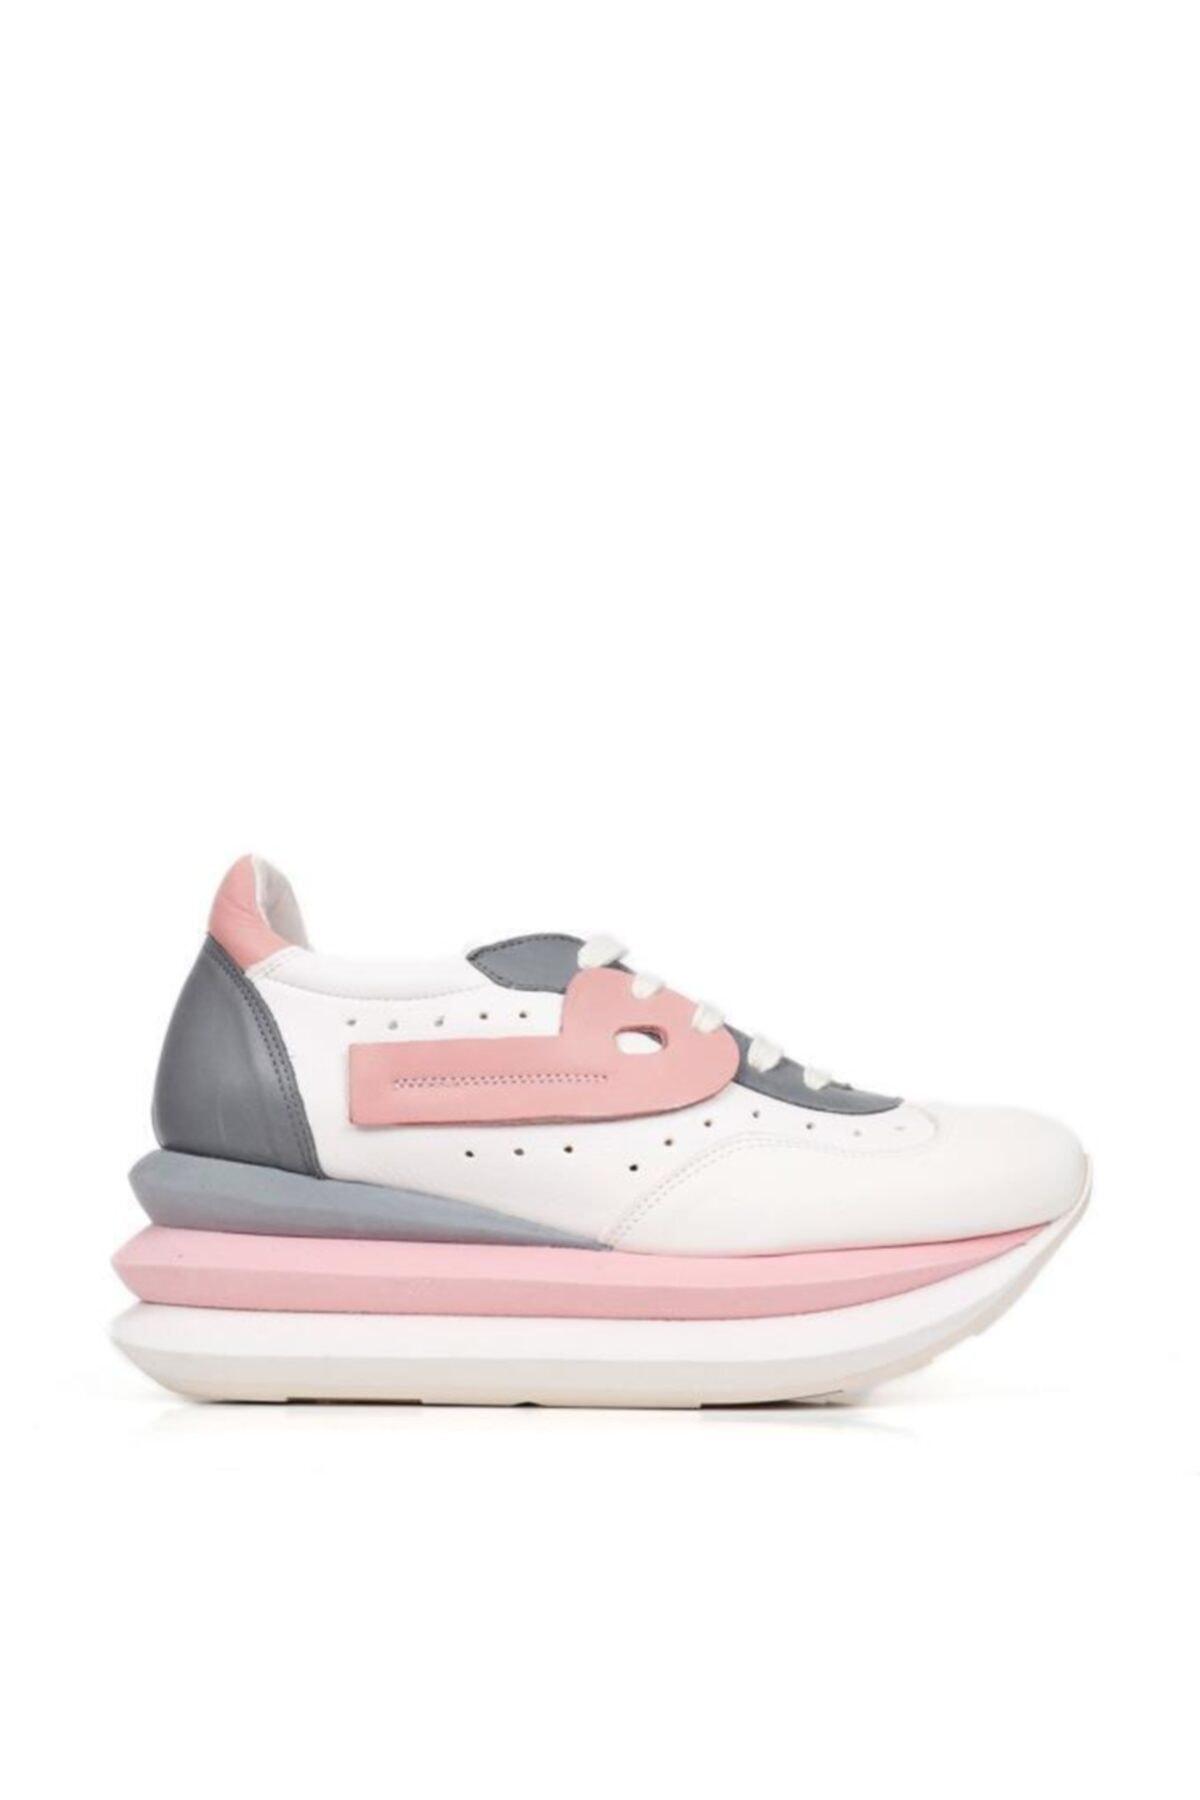 BUENO Shoes Hakiki Deri File Detaylı Bağcıklı Kadın Spor Ayakkabı 20wq10400 1